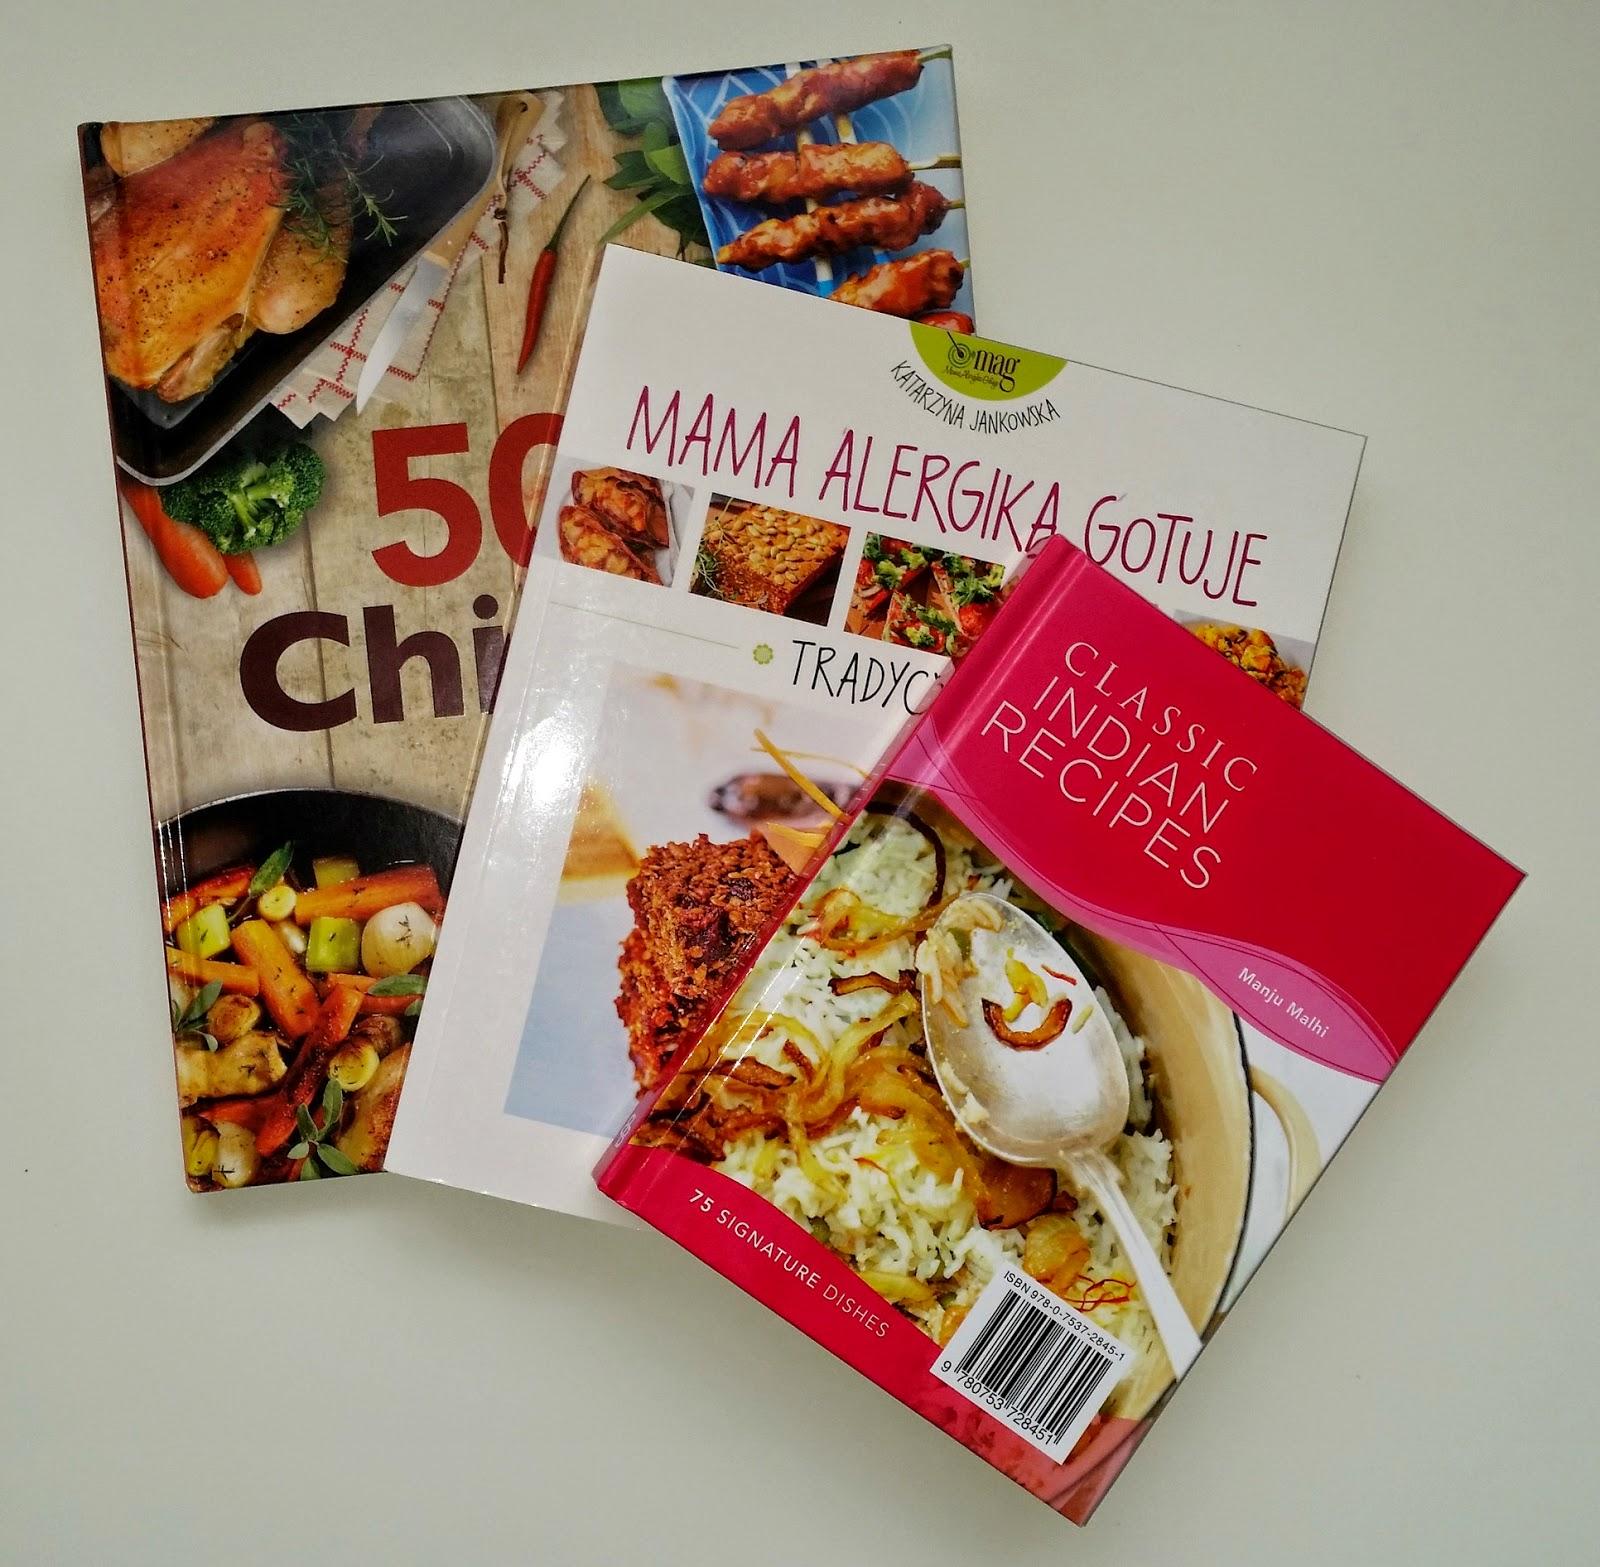 książki, przepisy kulinarne, gotowanie